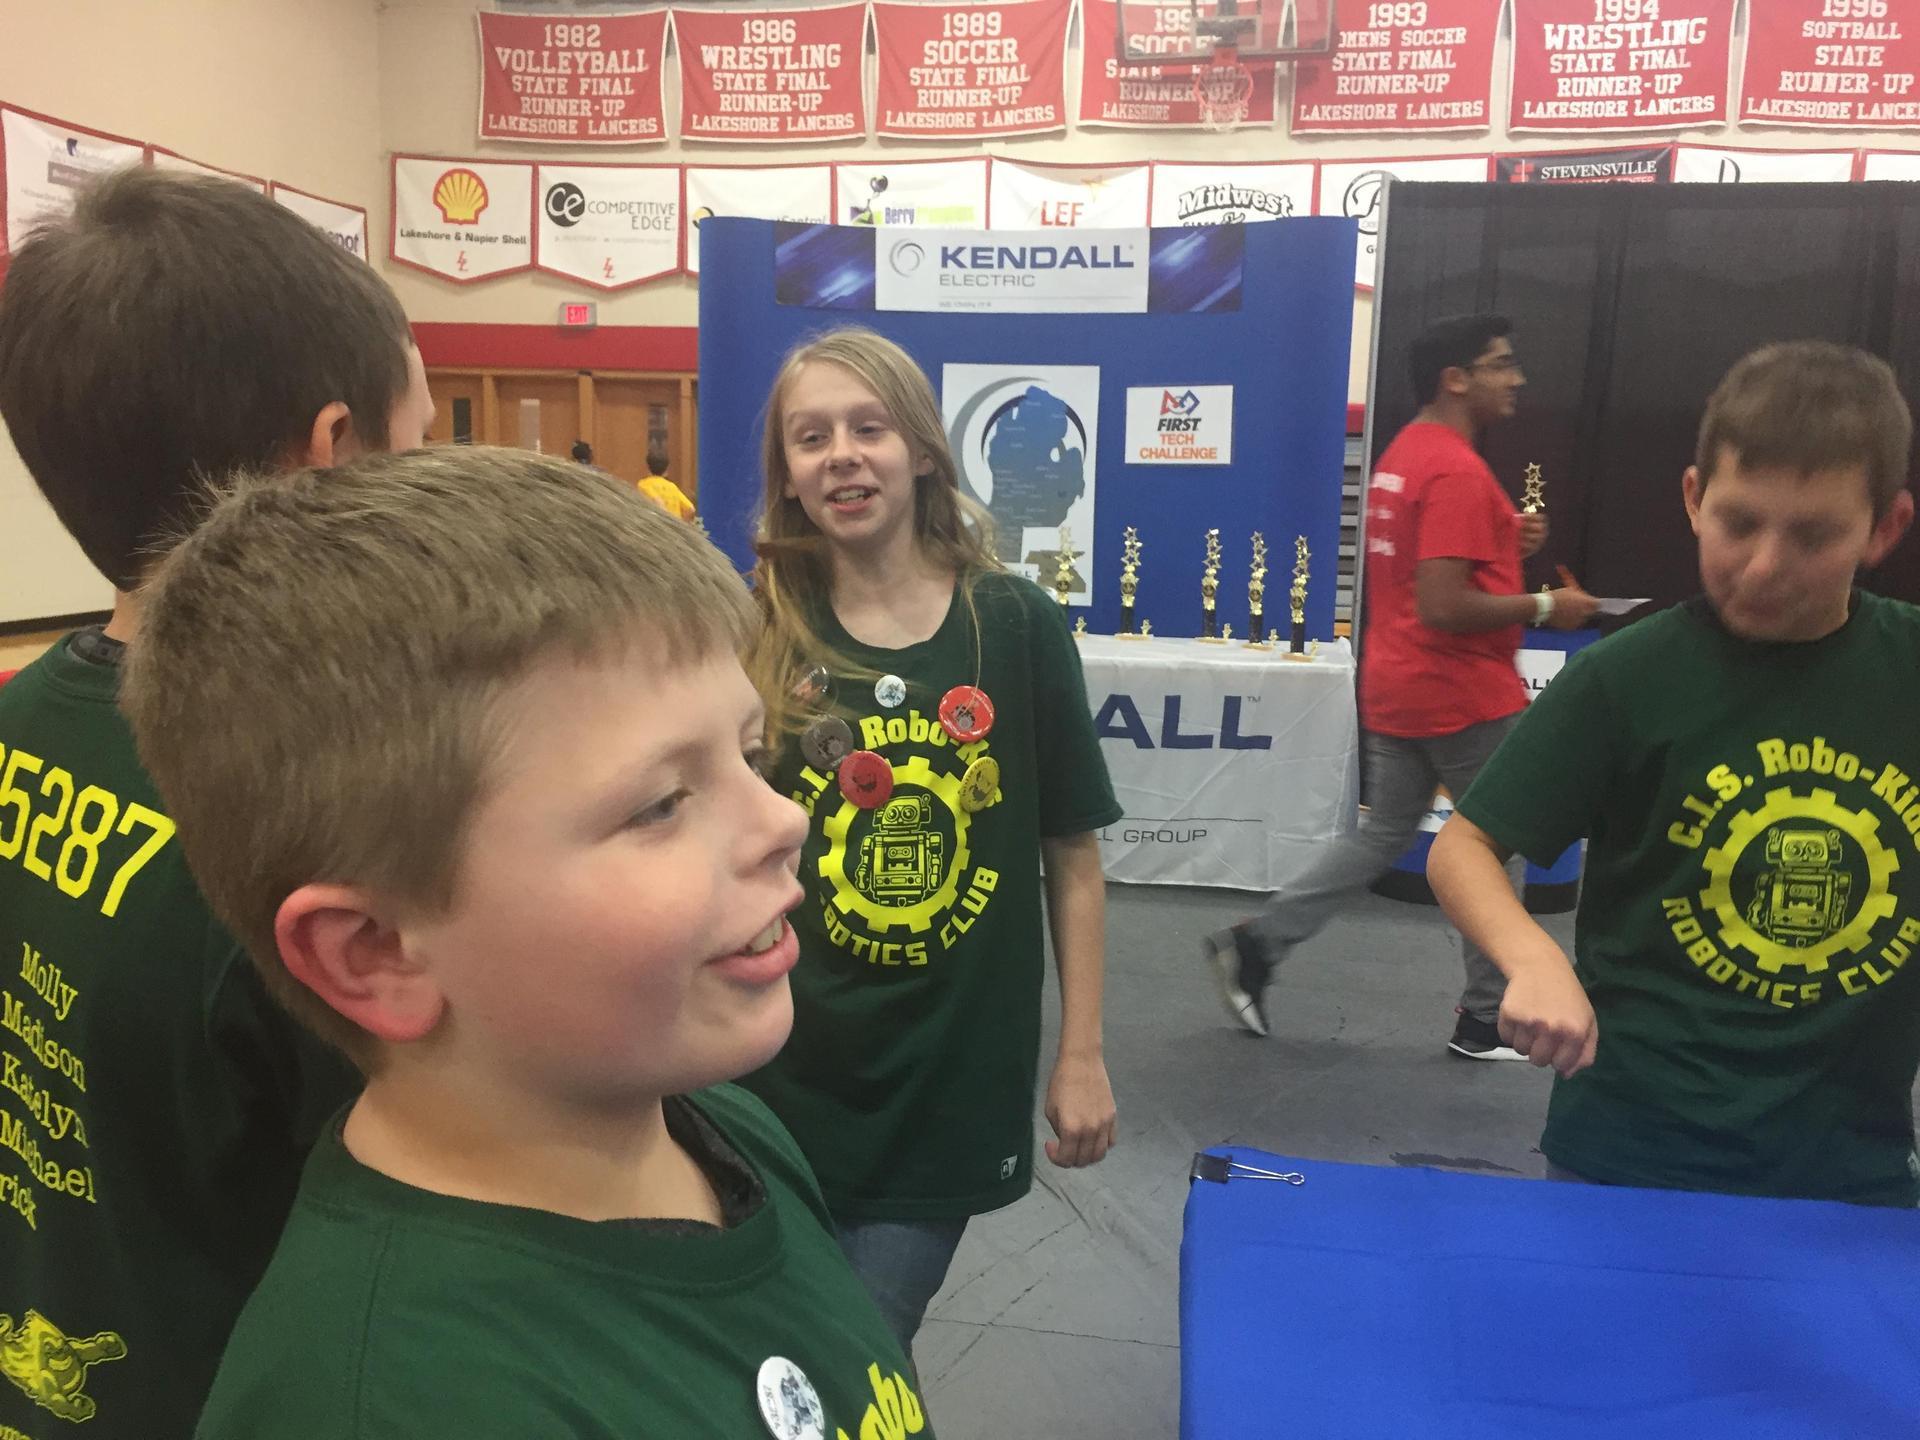 children in team t-shirts